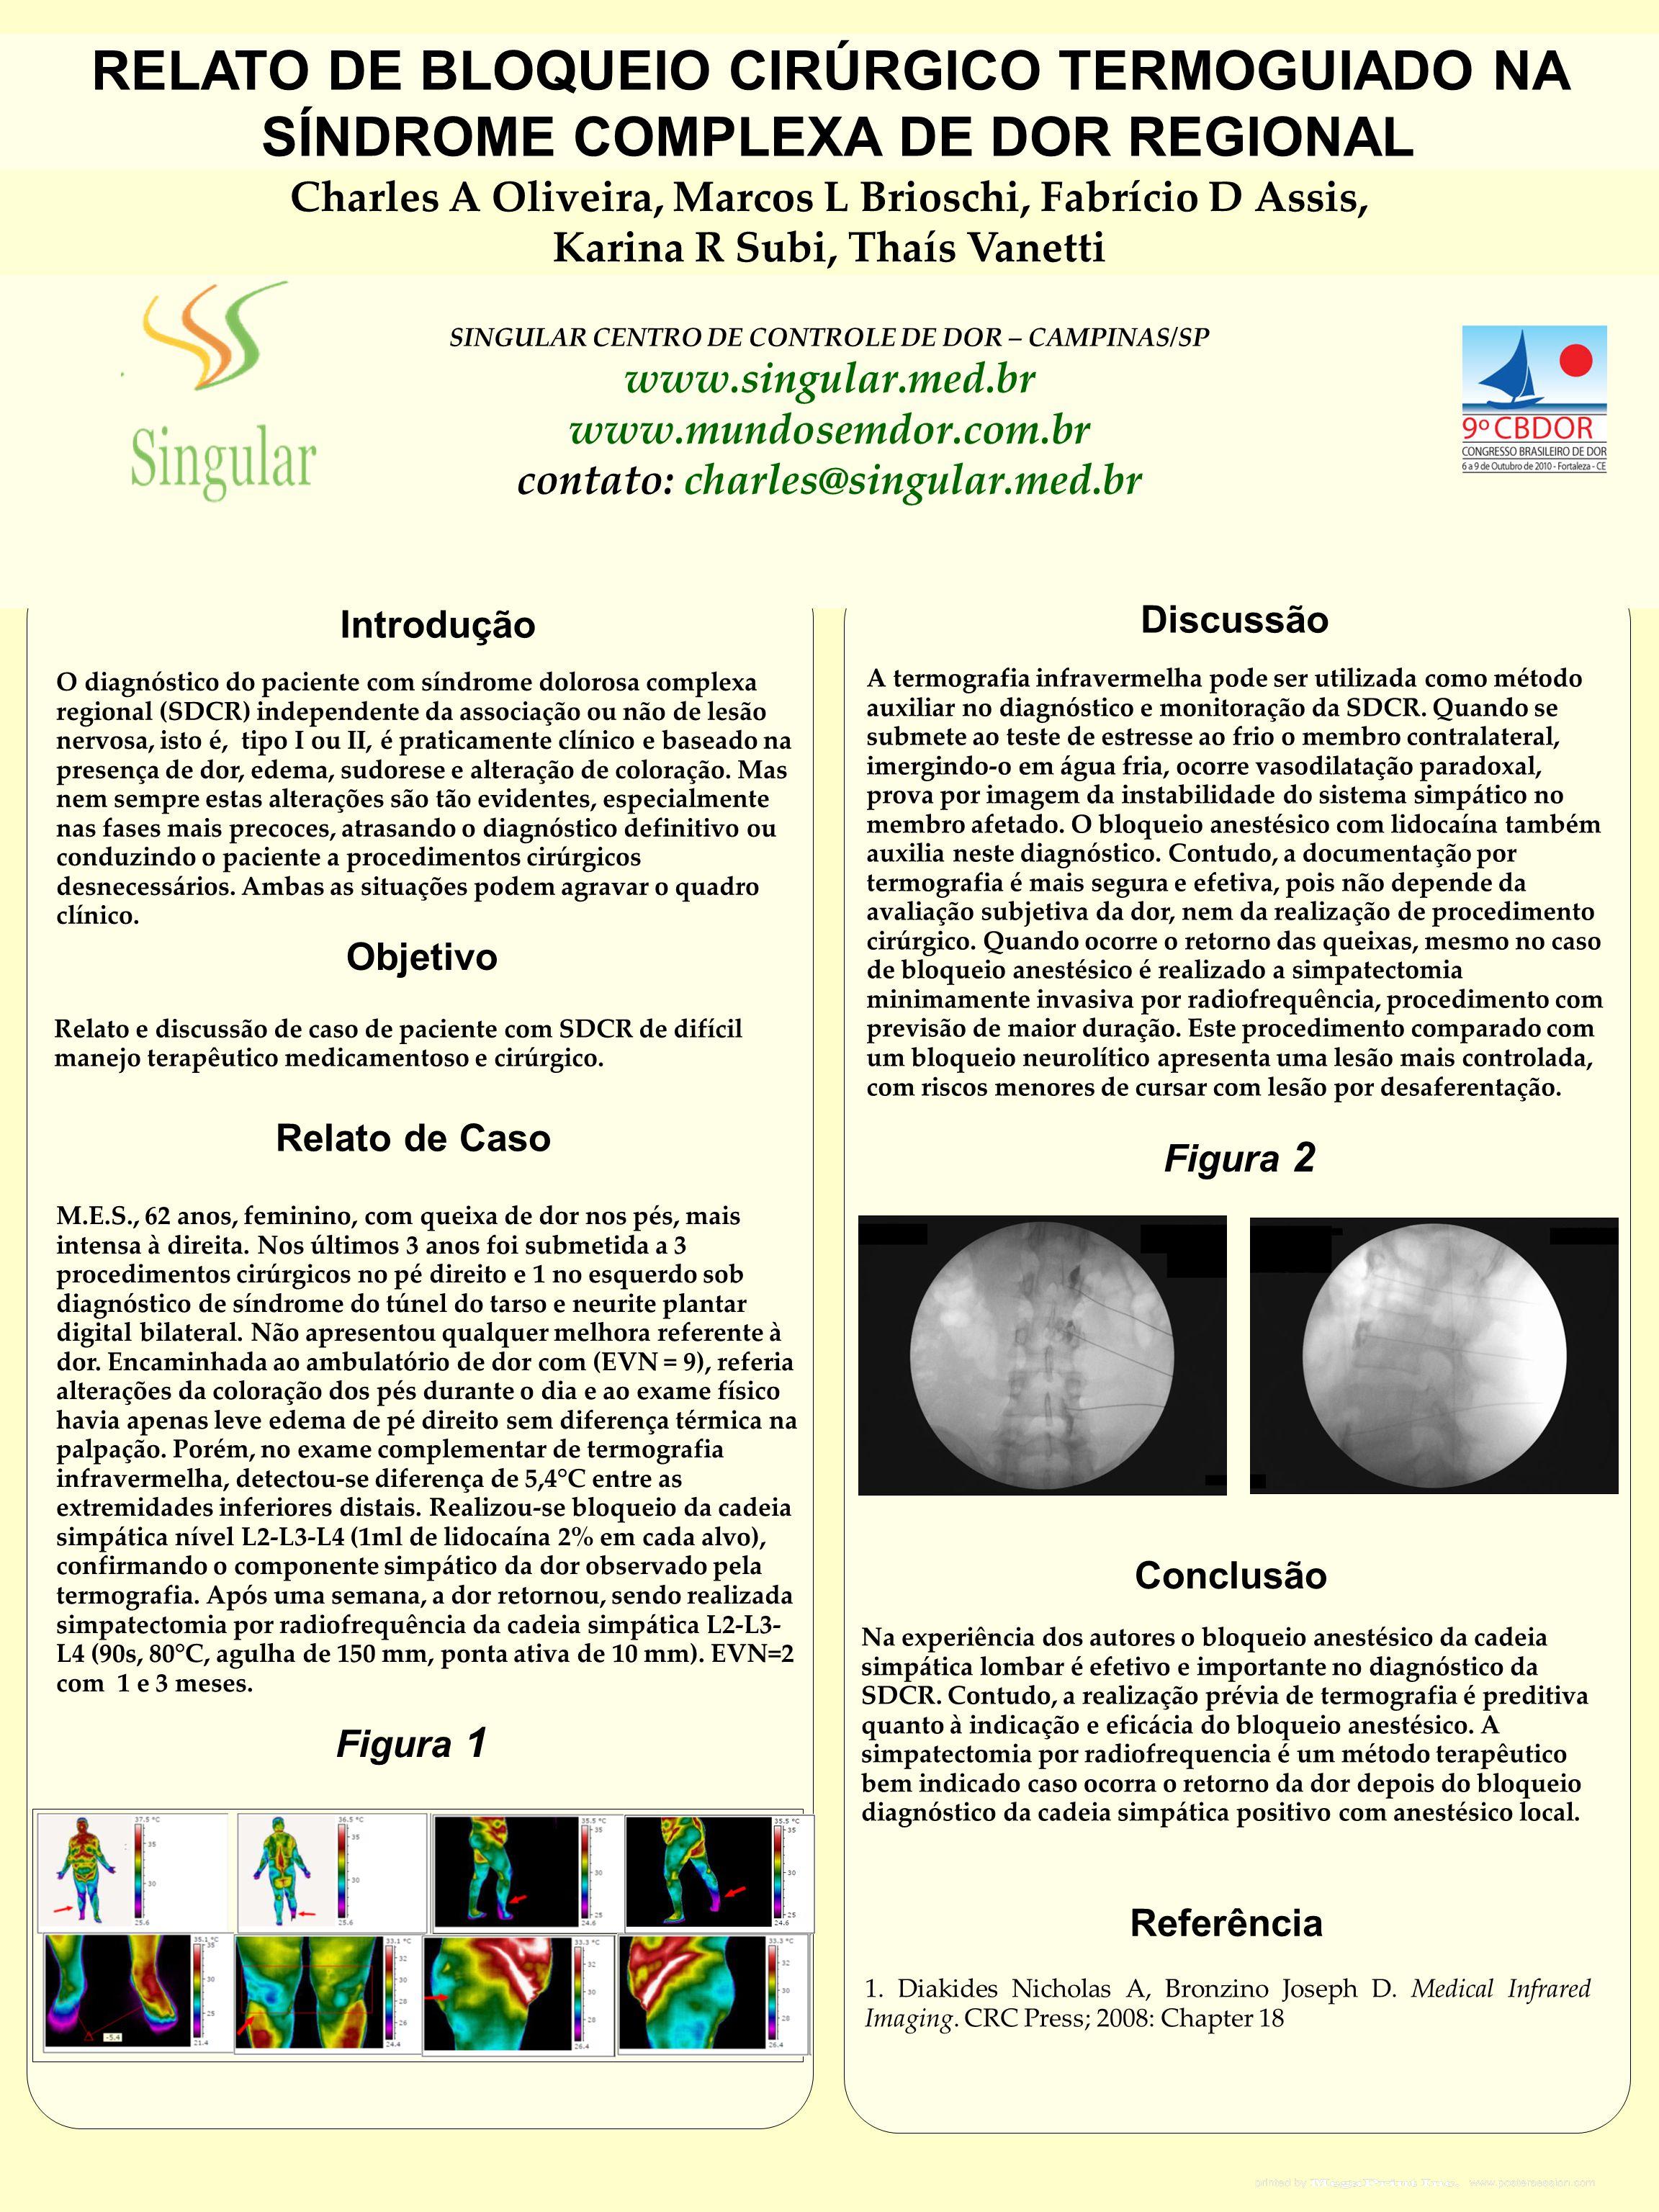 O diagnóstico do paciente com síndrome dolorosa complexa regional (SDCR) independente da associação ou não de lesão nervosa, isto é, tipo I ou II, é p